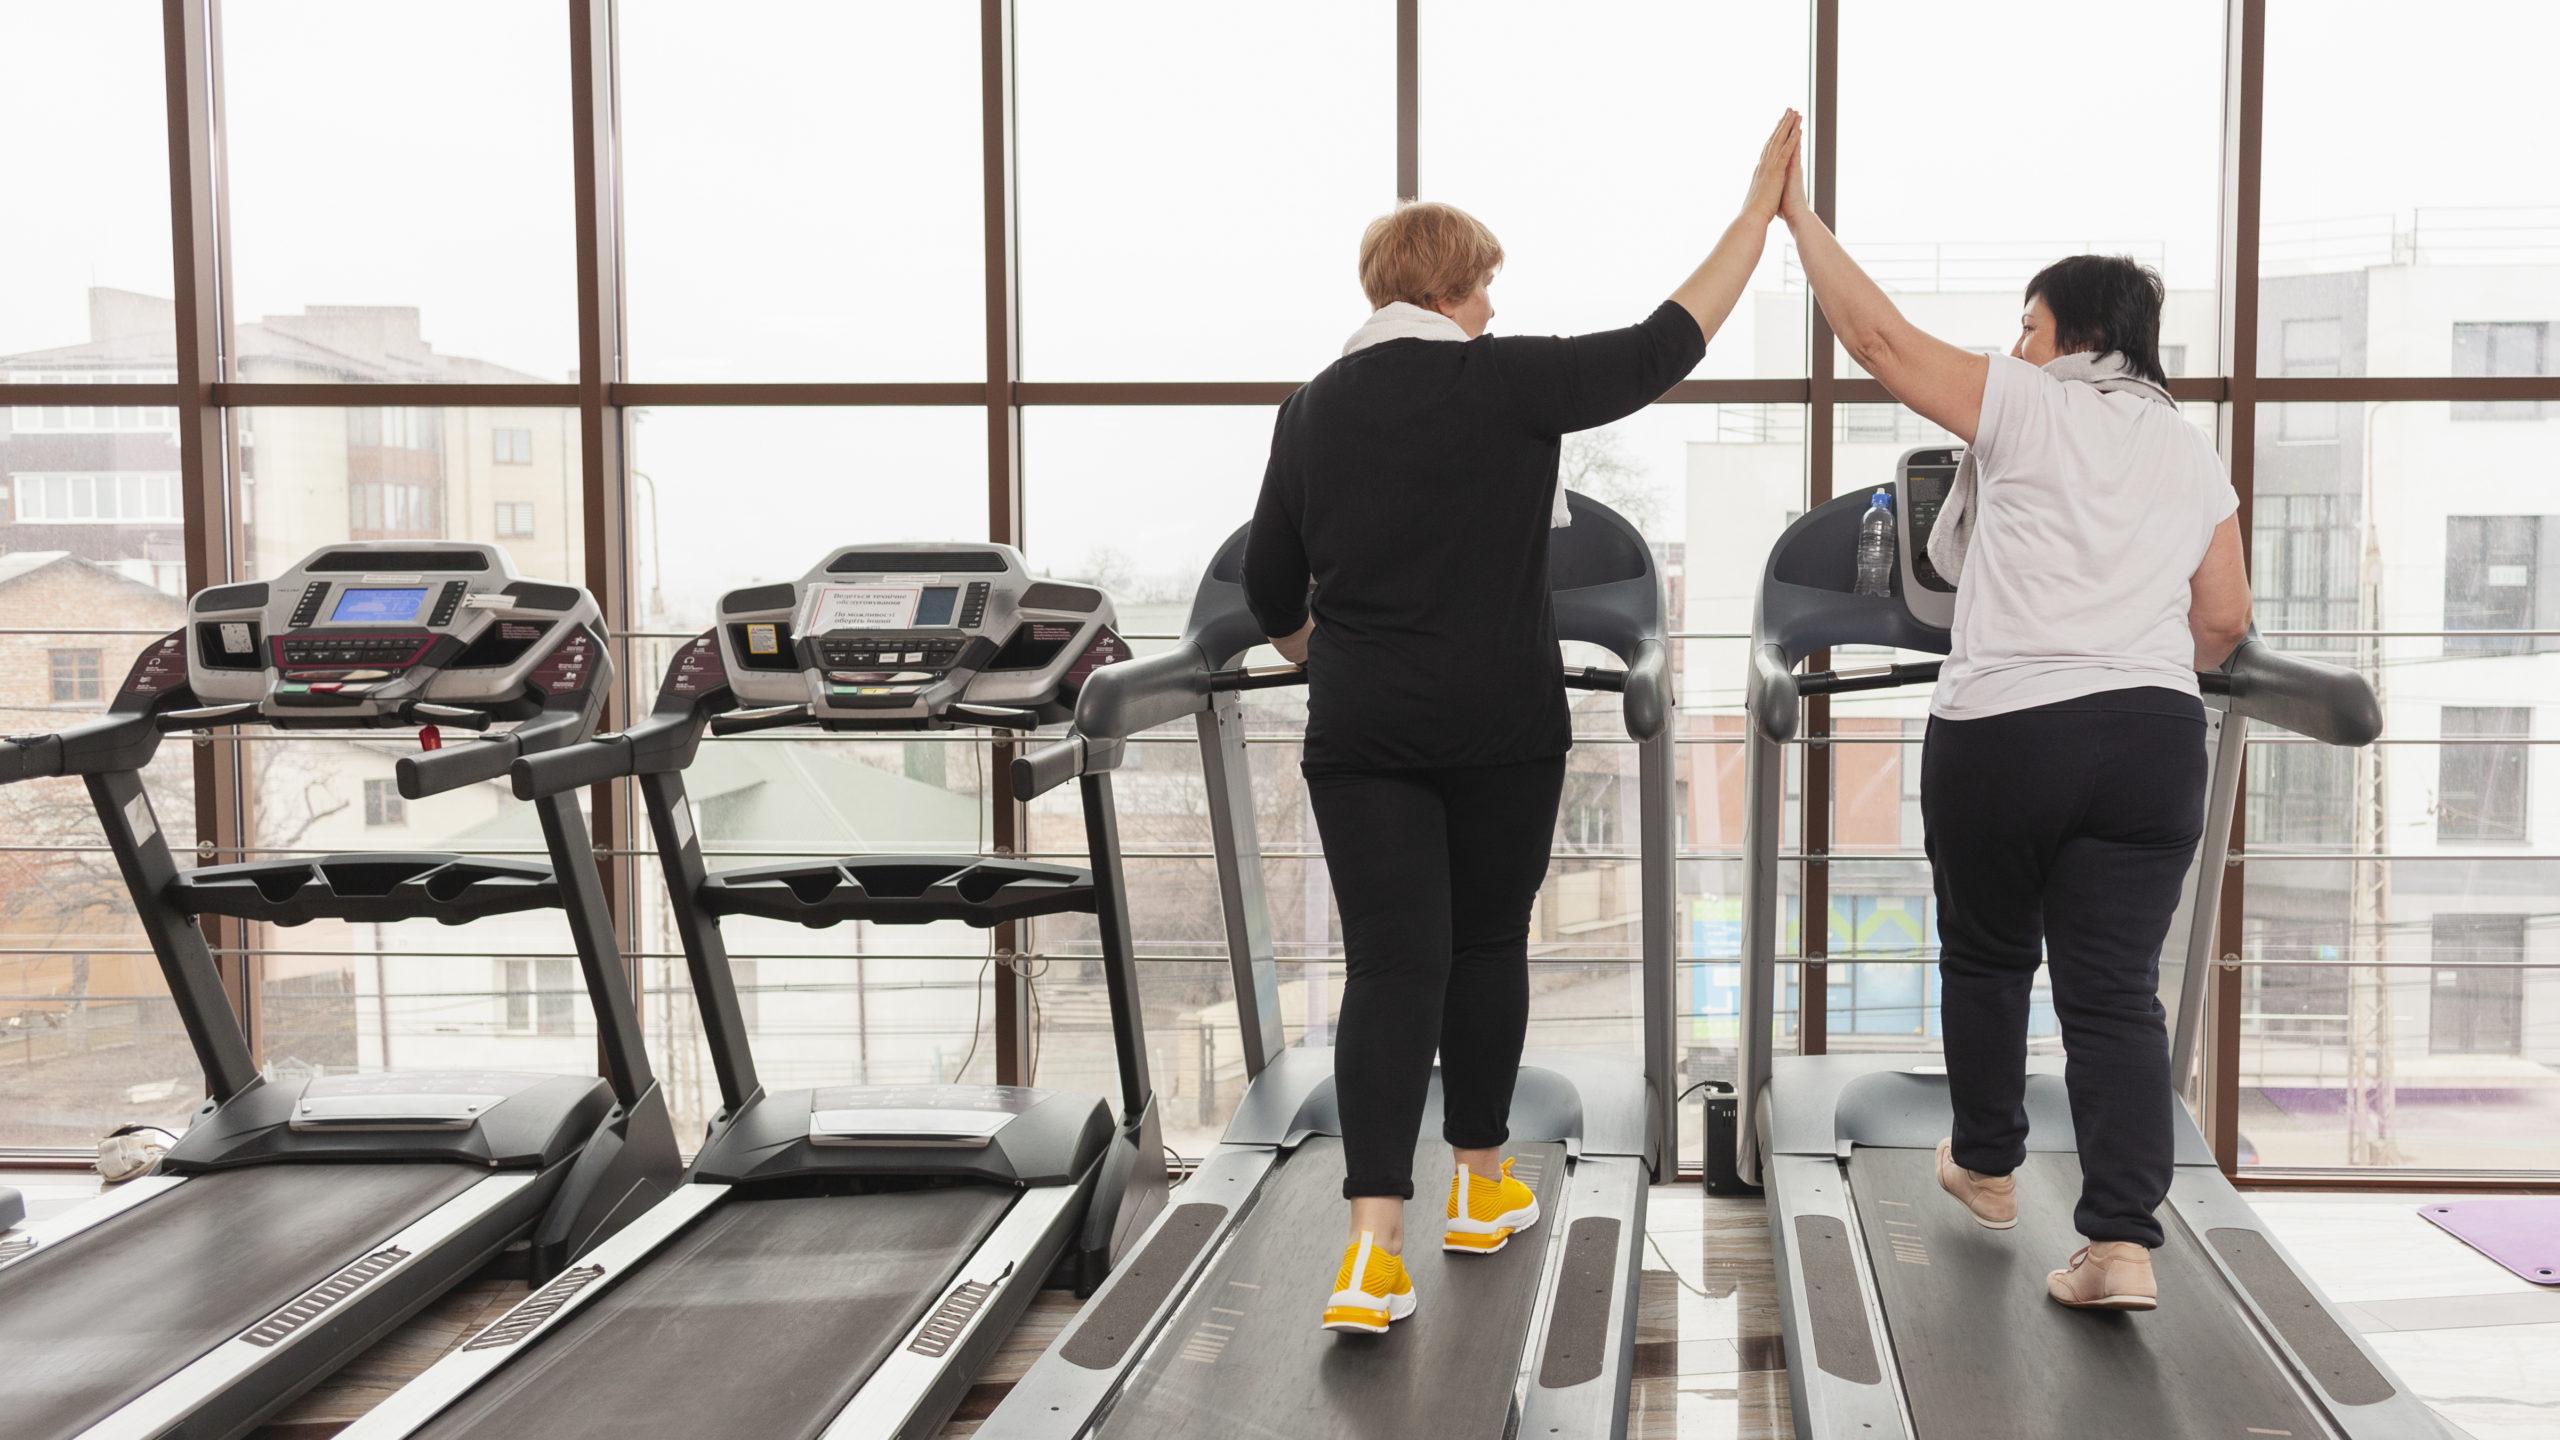 เครื่องออกกำลังกายผู้สูงอายุ